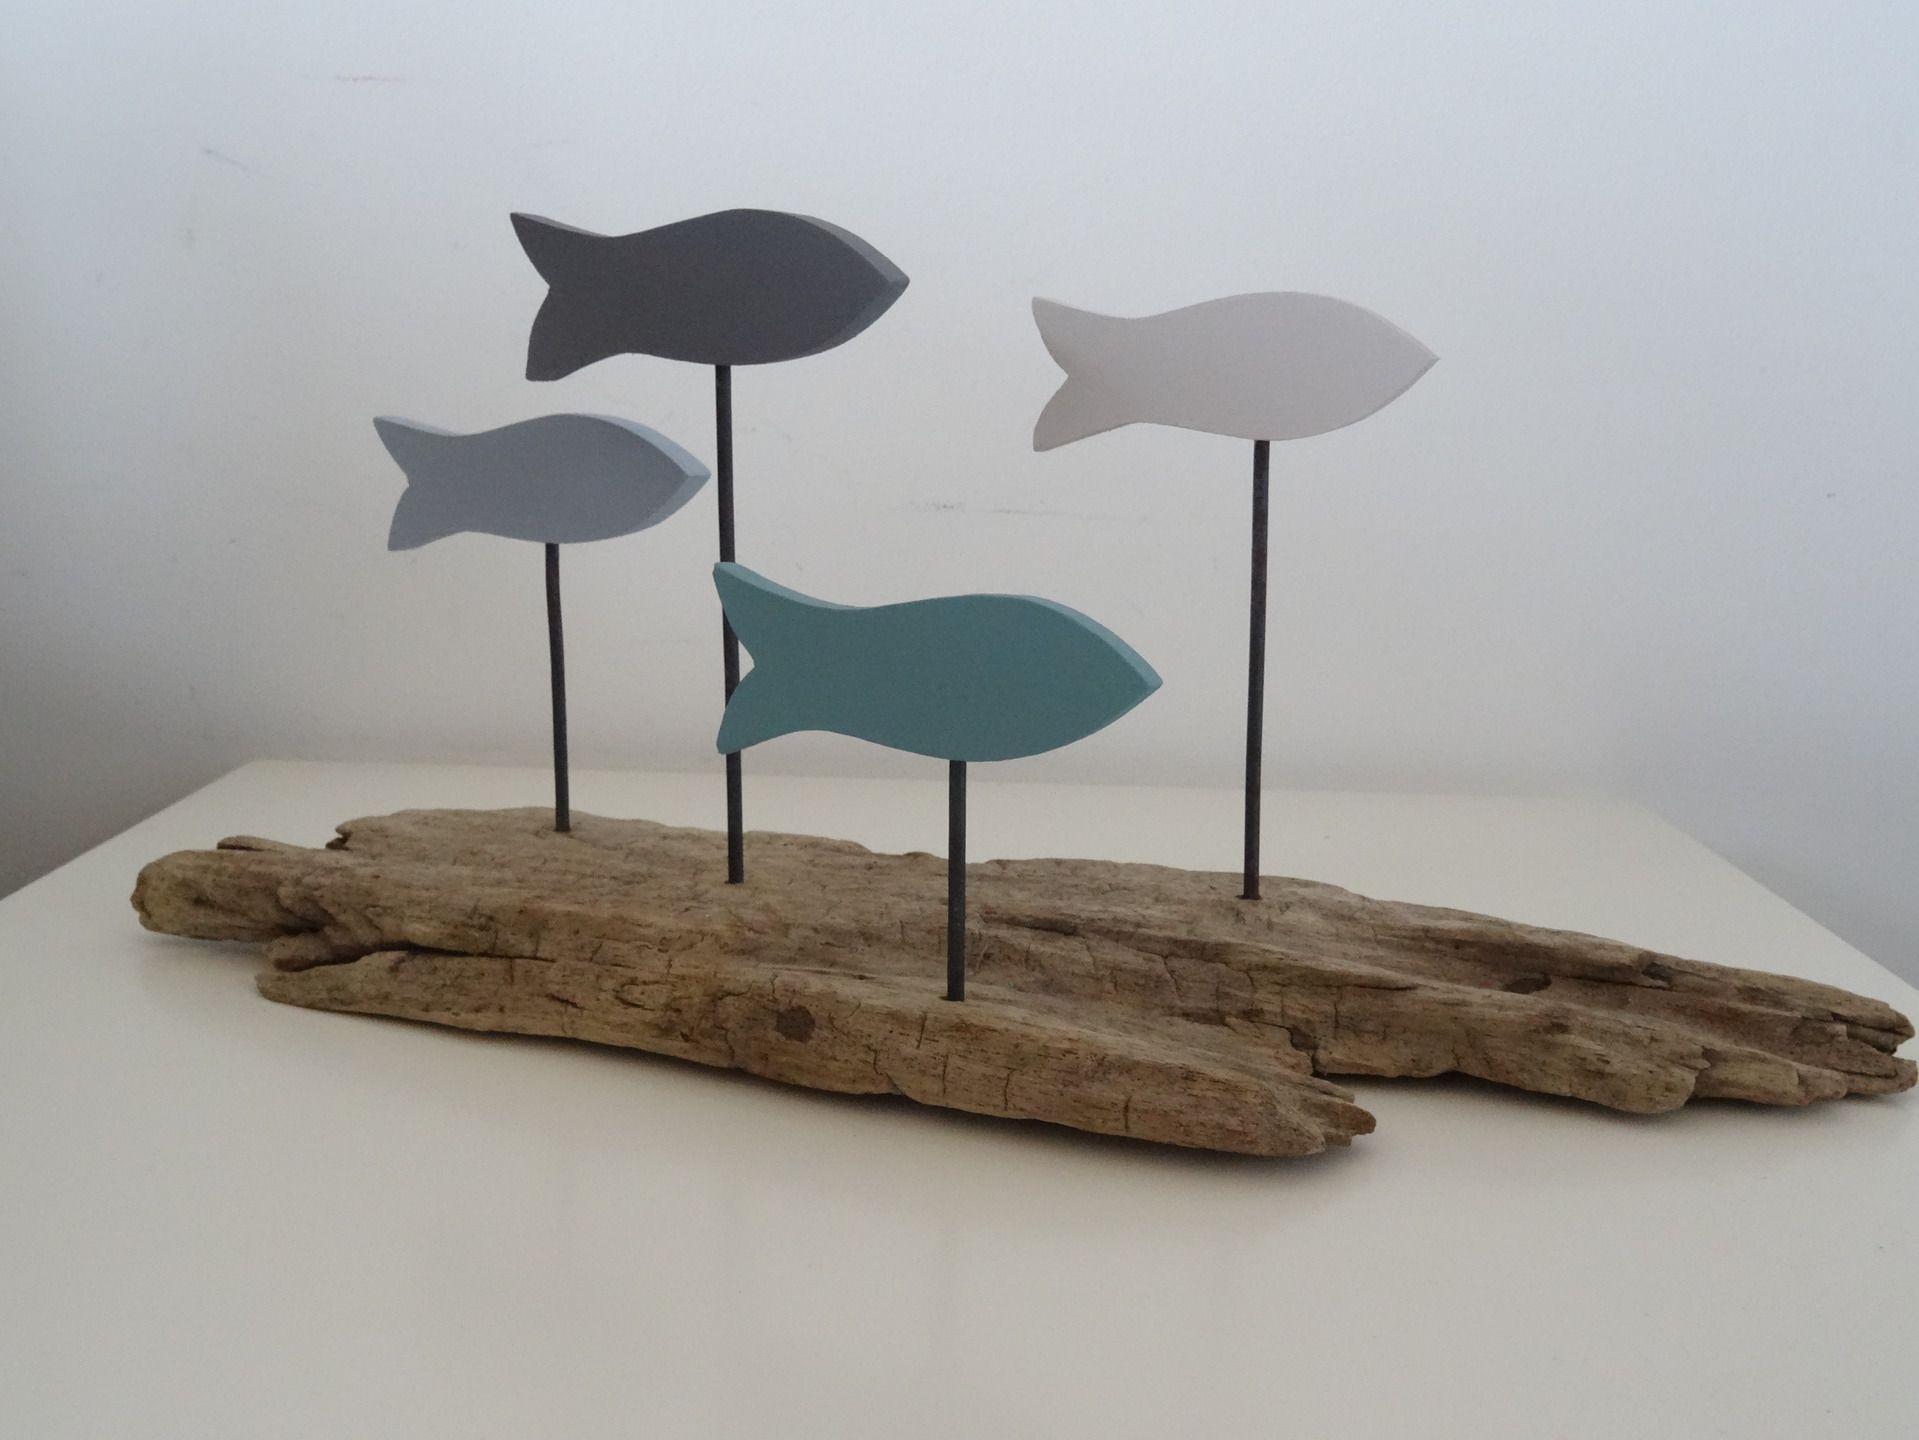 Créations en bois flotté inspiration bord de mer par AMareeBasseVendee